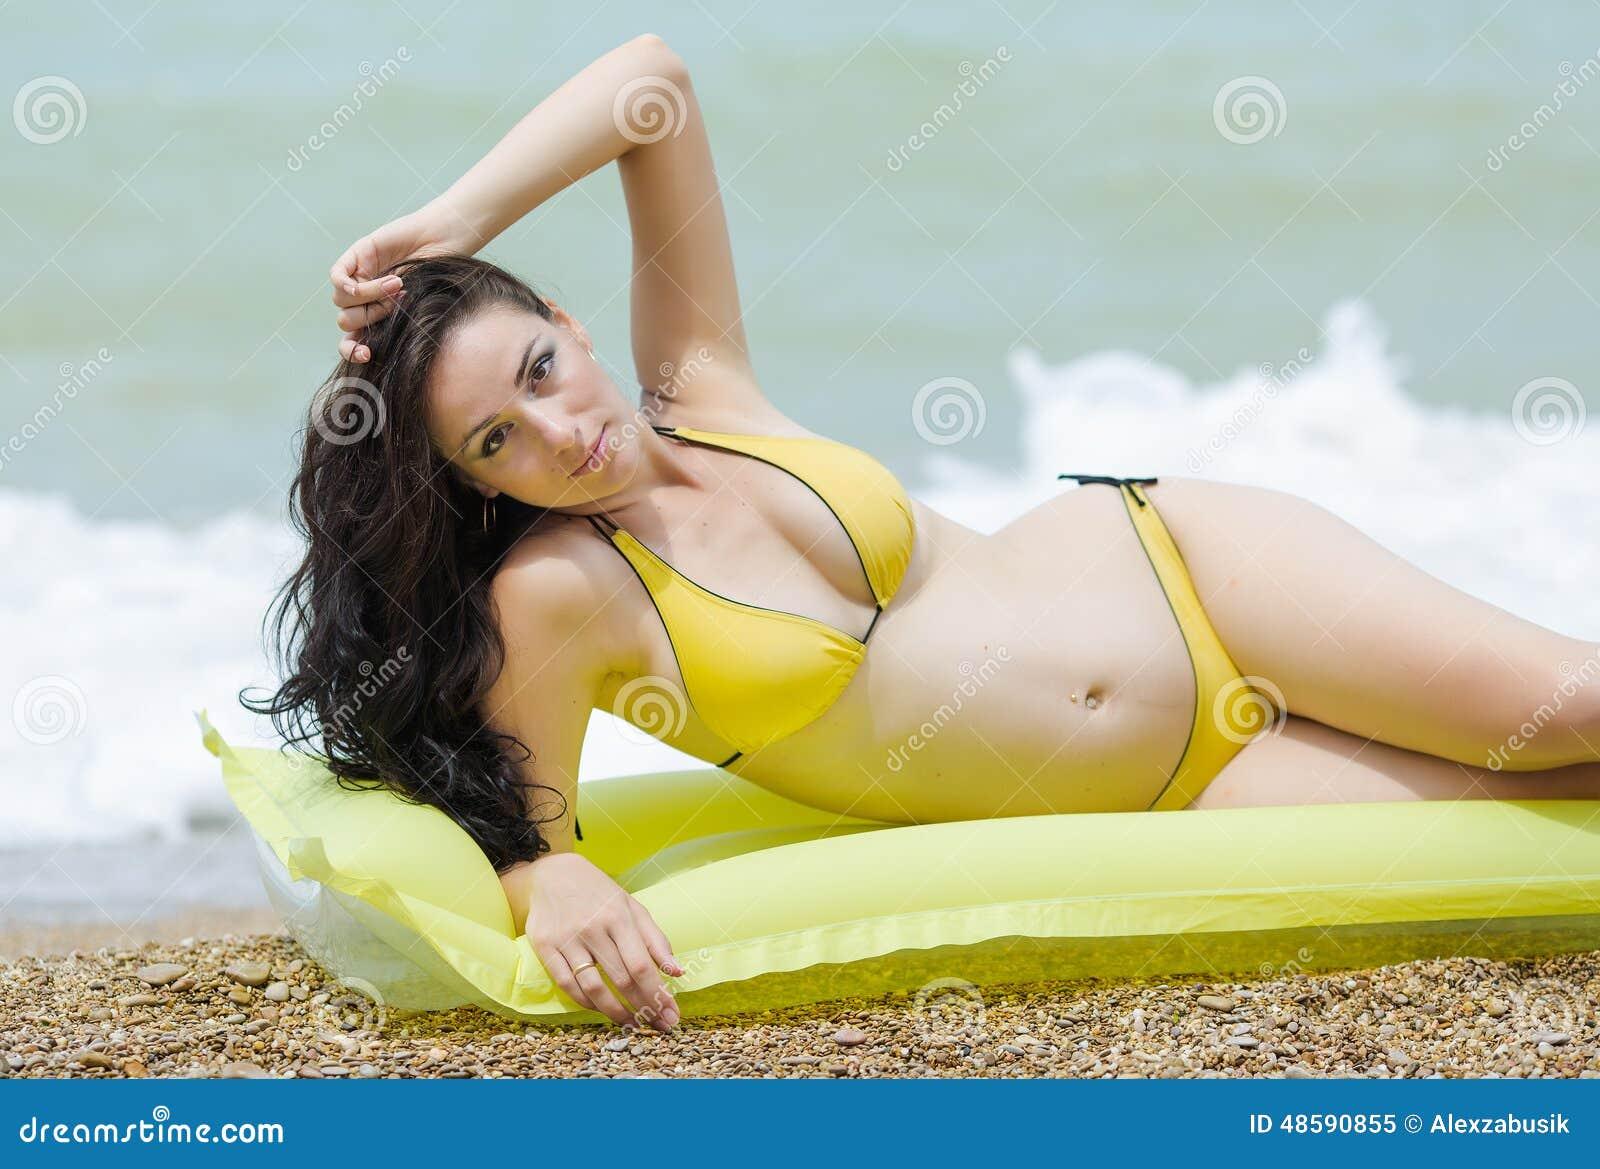 Pregnant Woman In Yellow Bikini On Pebble Beach Stock